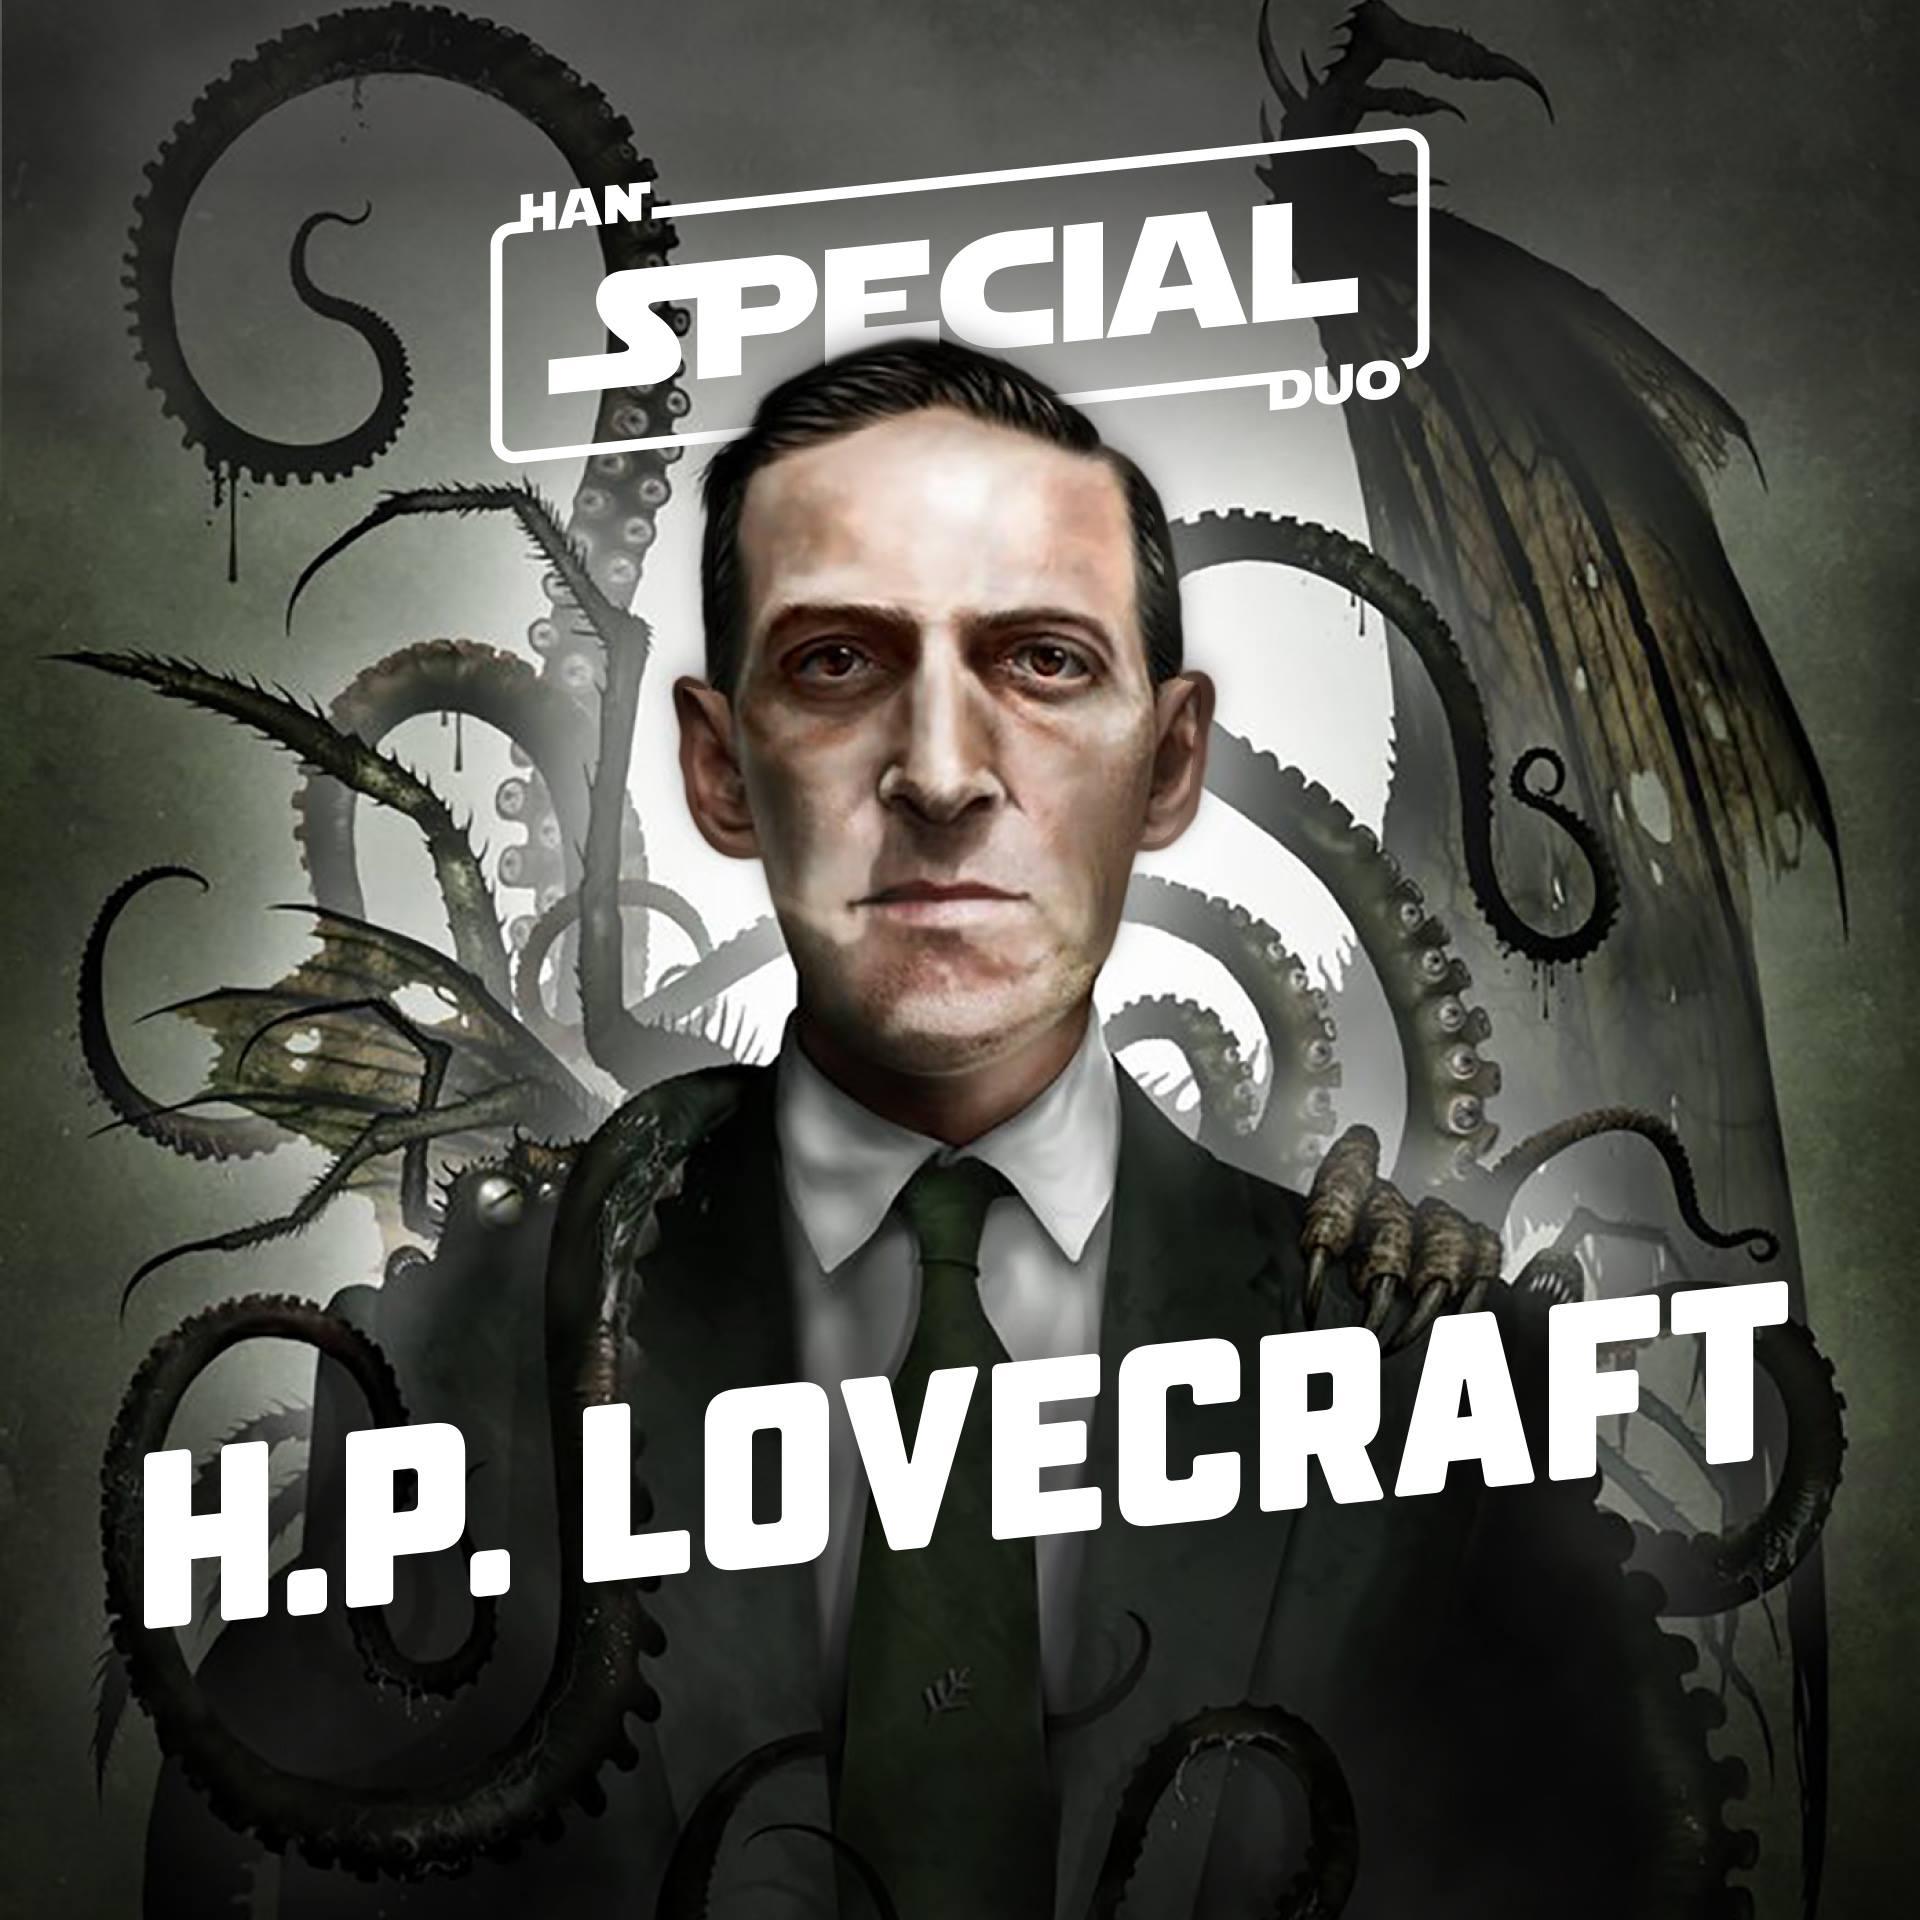 Han Duo Special: HP Lovecraft